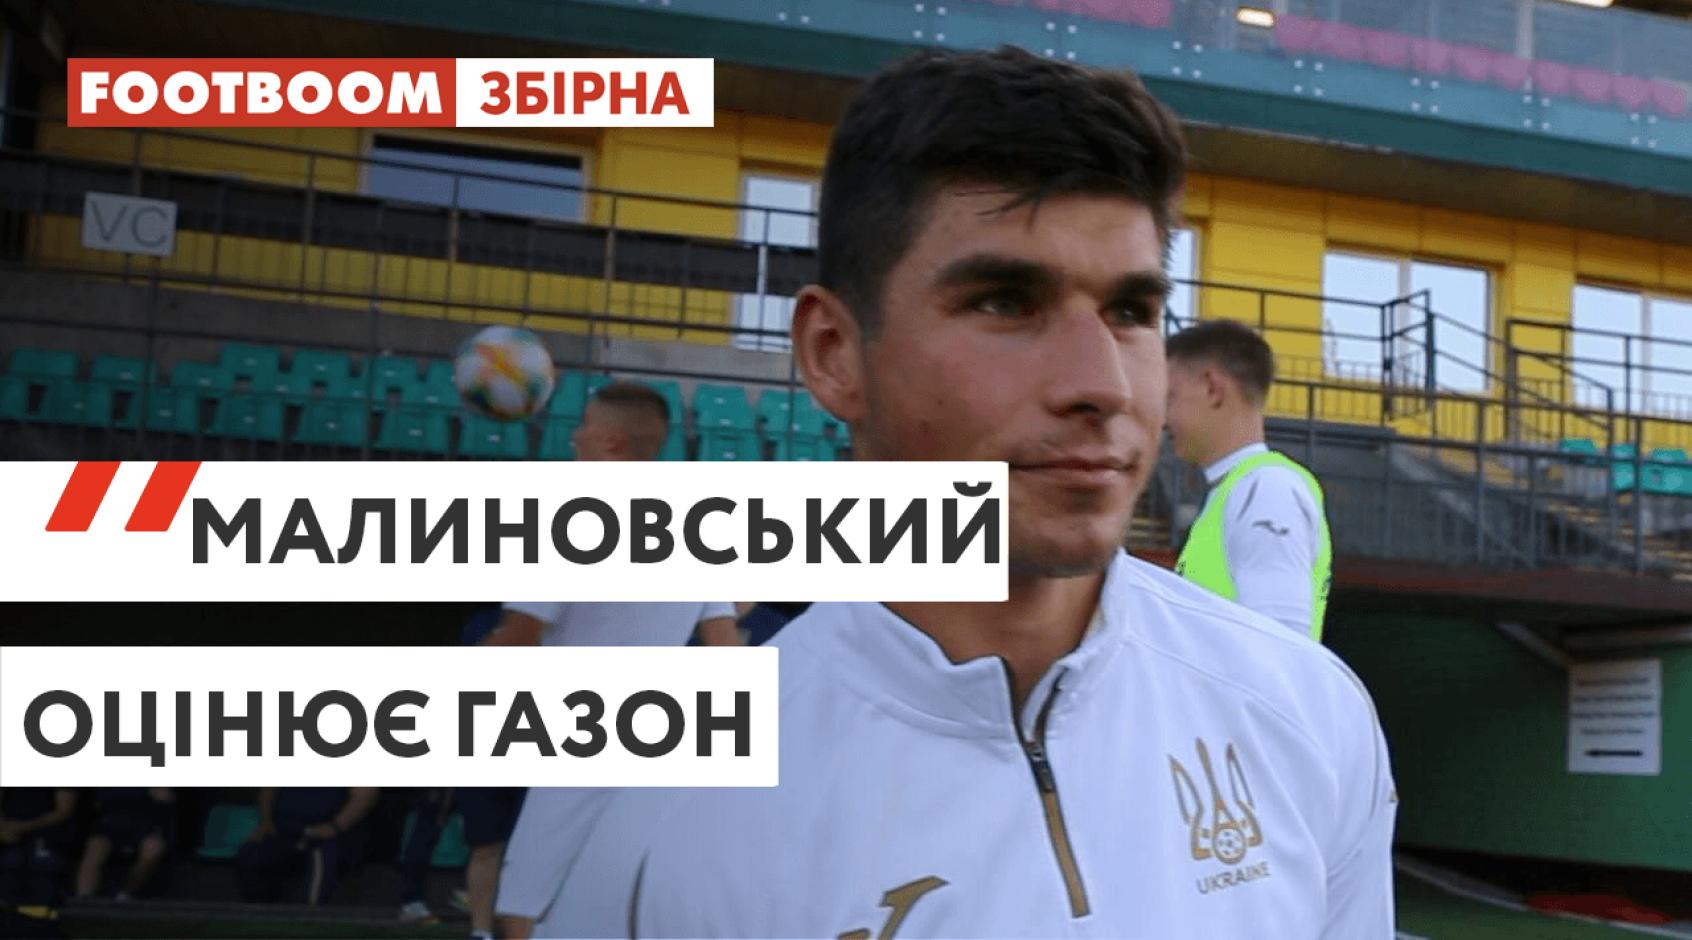 Руслан Малиновський - про штучний газон стадіона у Вільнюсі (Відео)